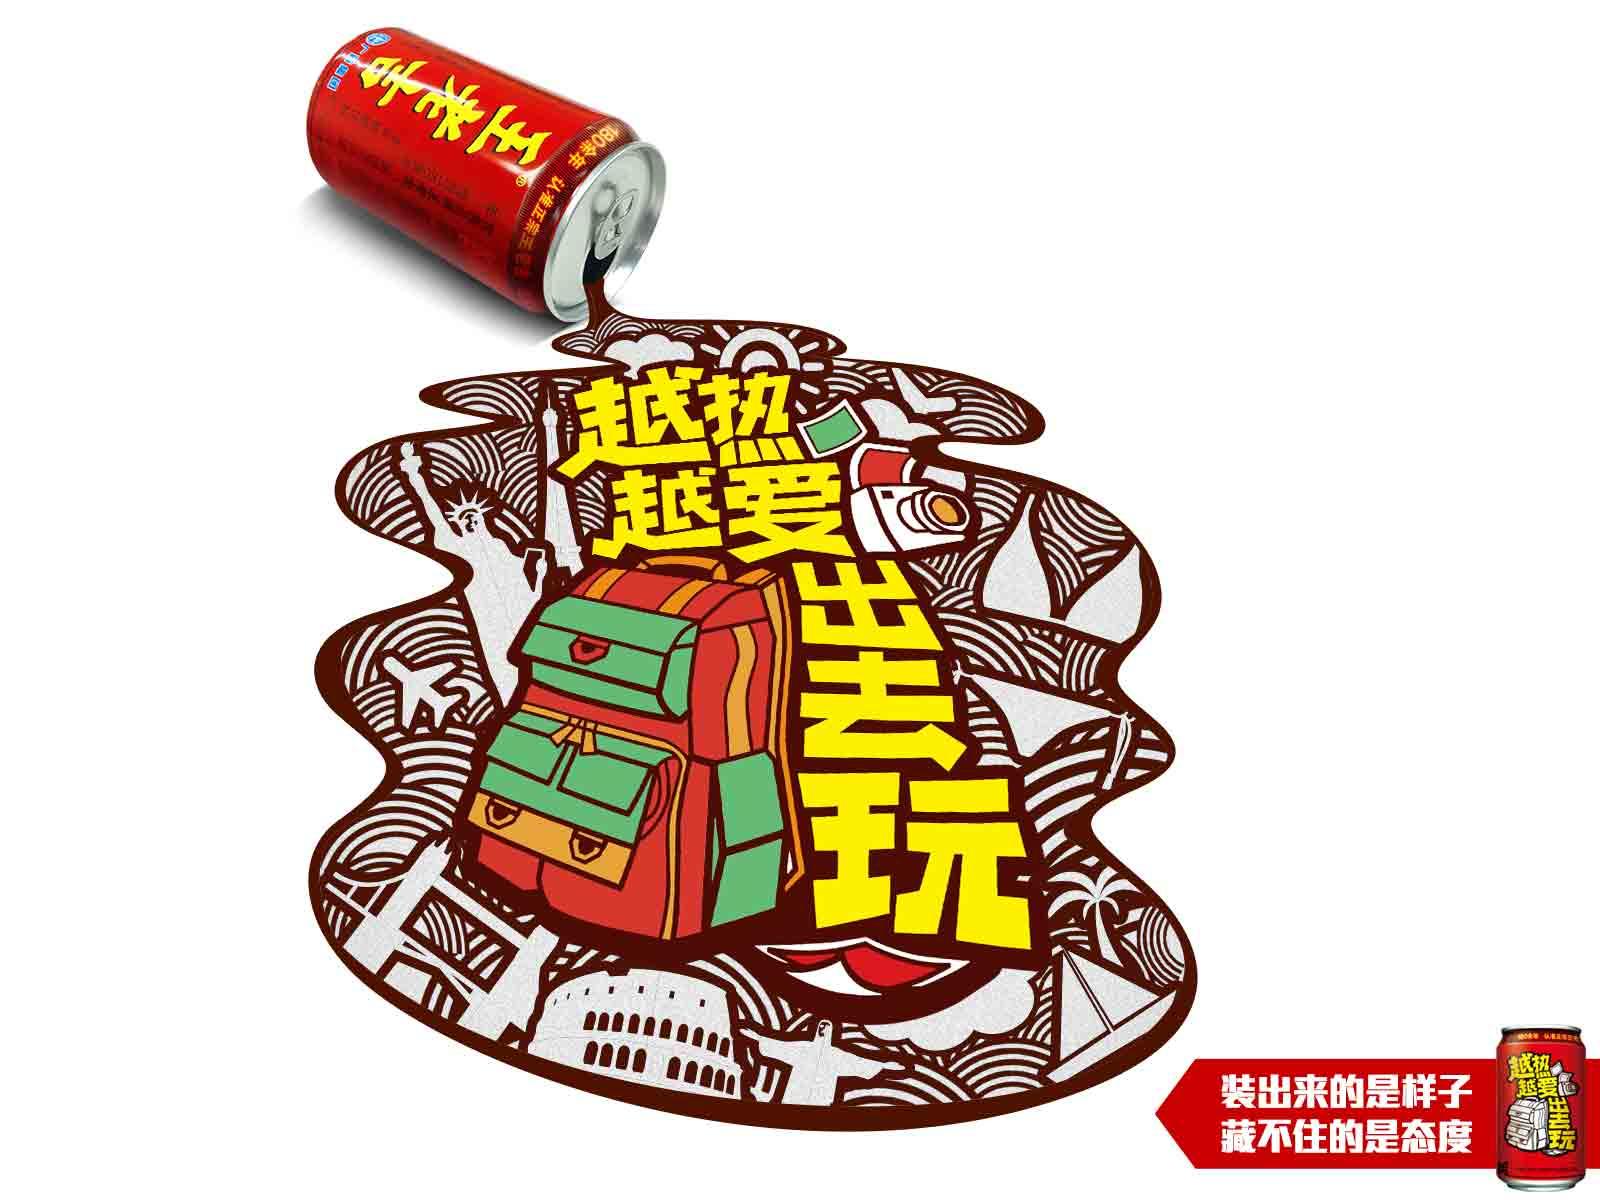 王老吉广告策划图片